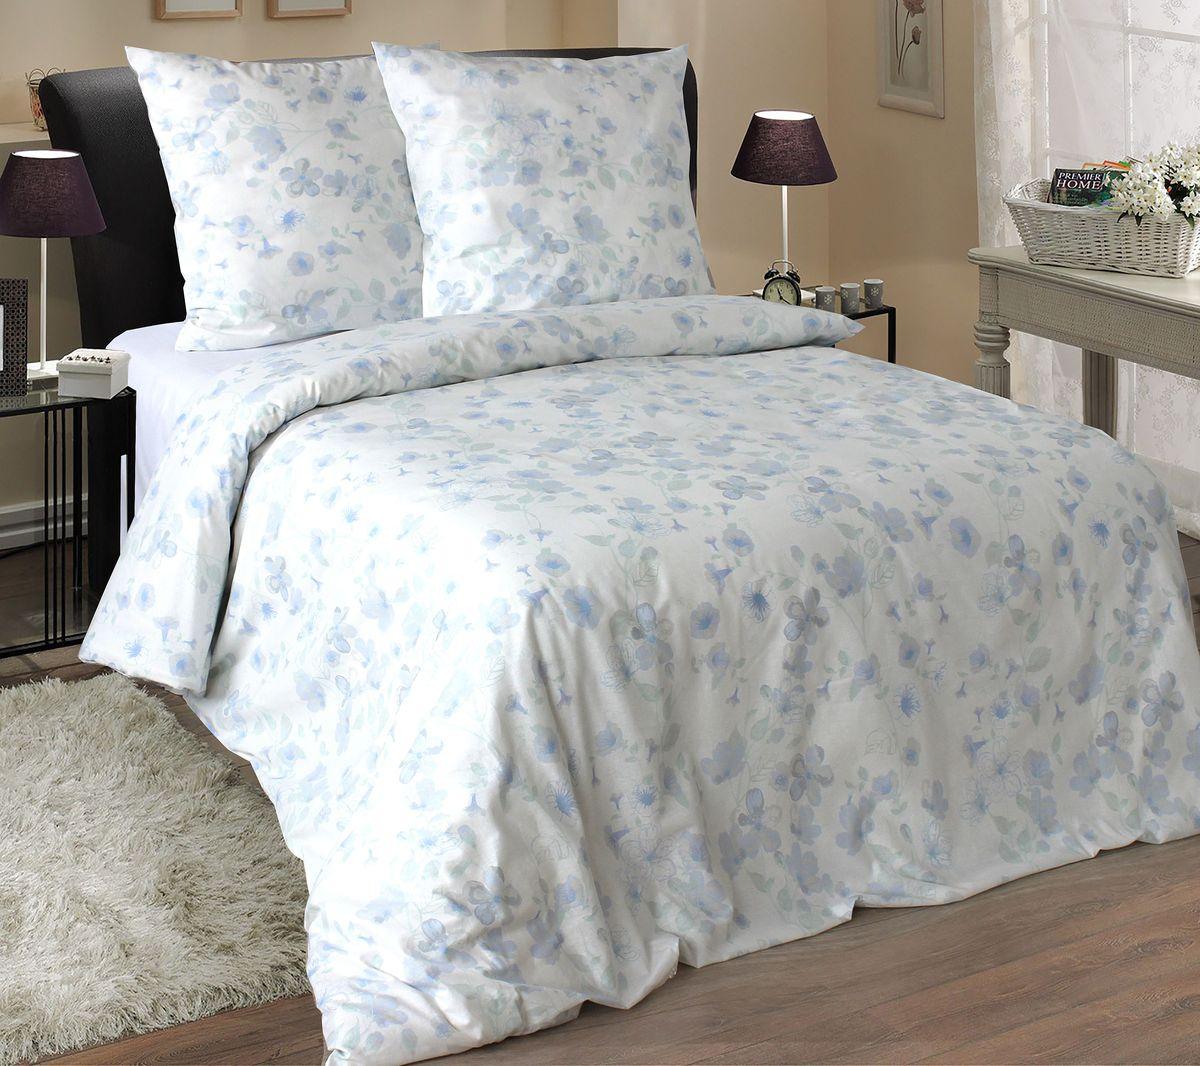 Комплект белья Коллекция Эмили, 2-спальный, наволочки 70x70. БК2/70/ОЗ/эмиБК2/70/ОЗ/эми